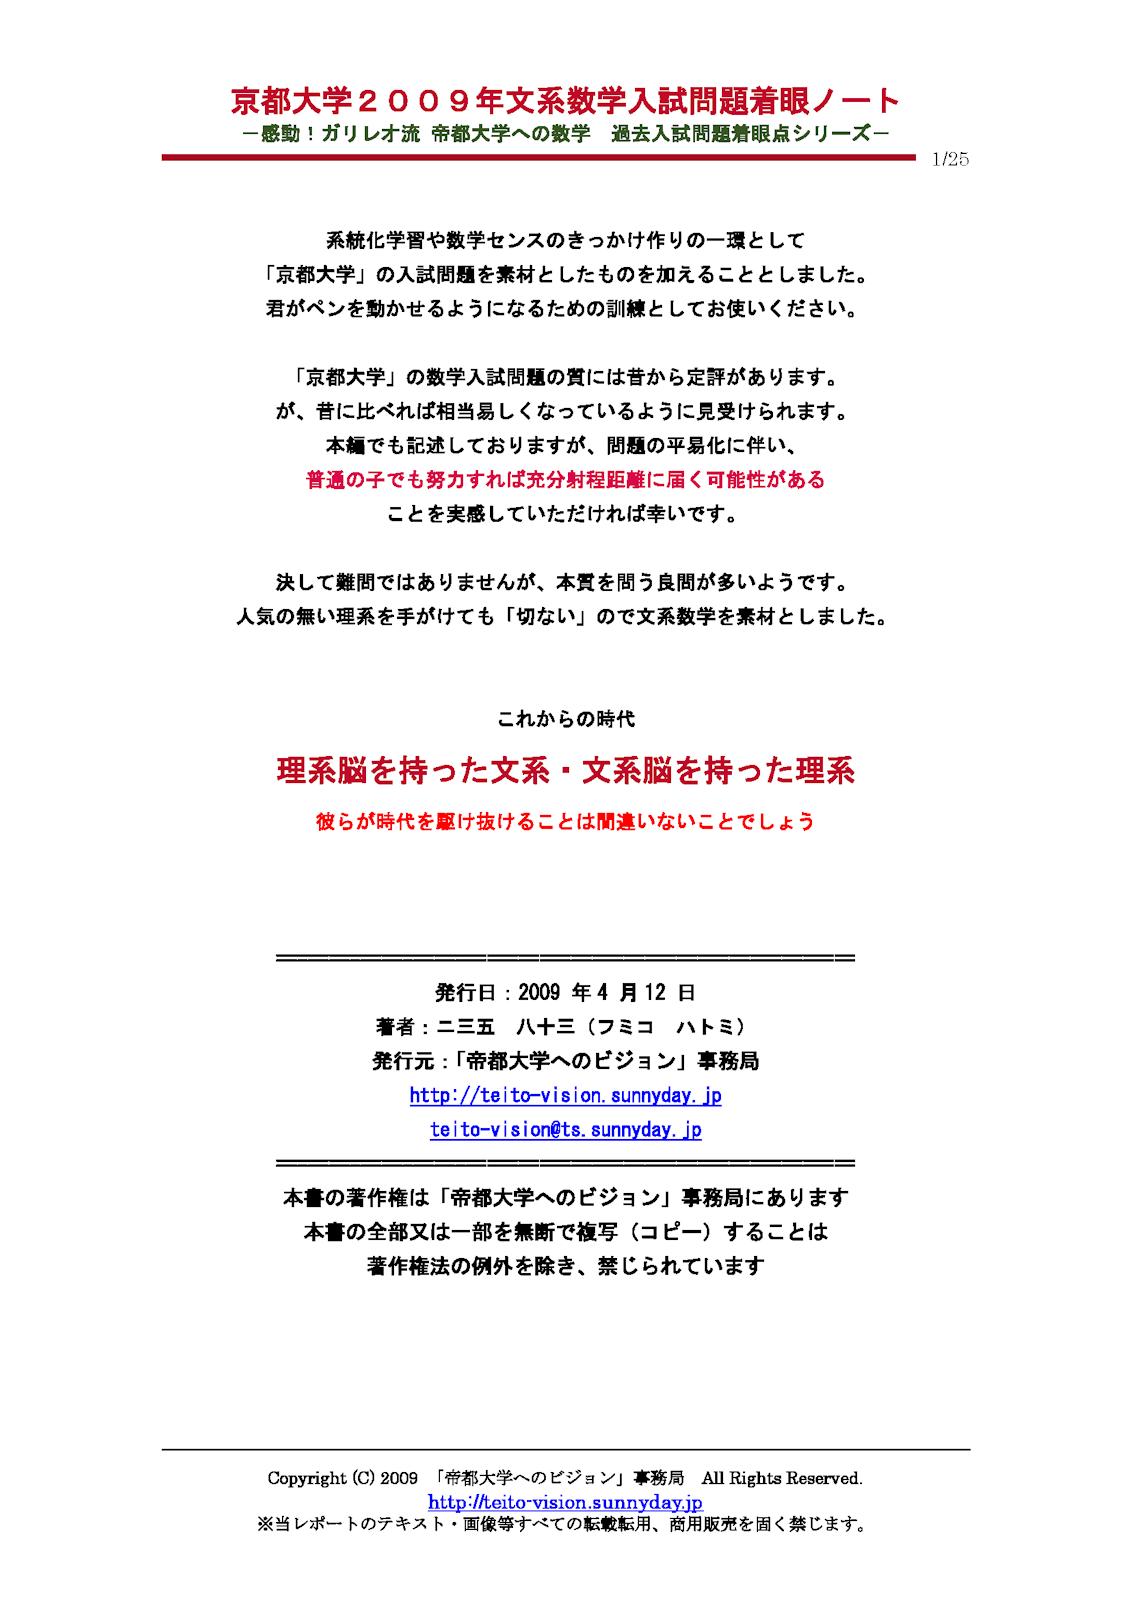 京都大学2009年文系数学入試問題着眼点ノート